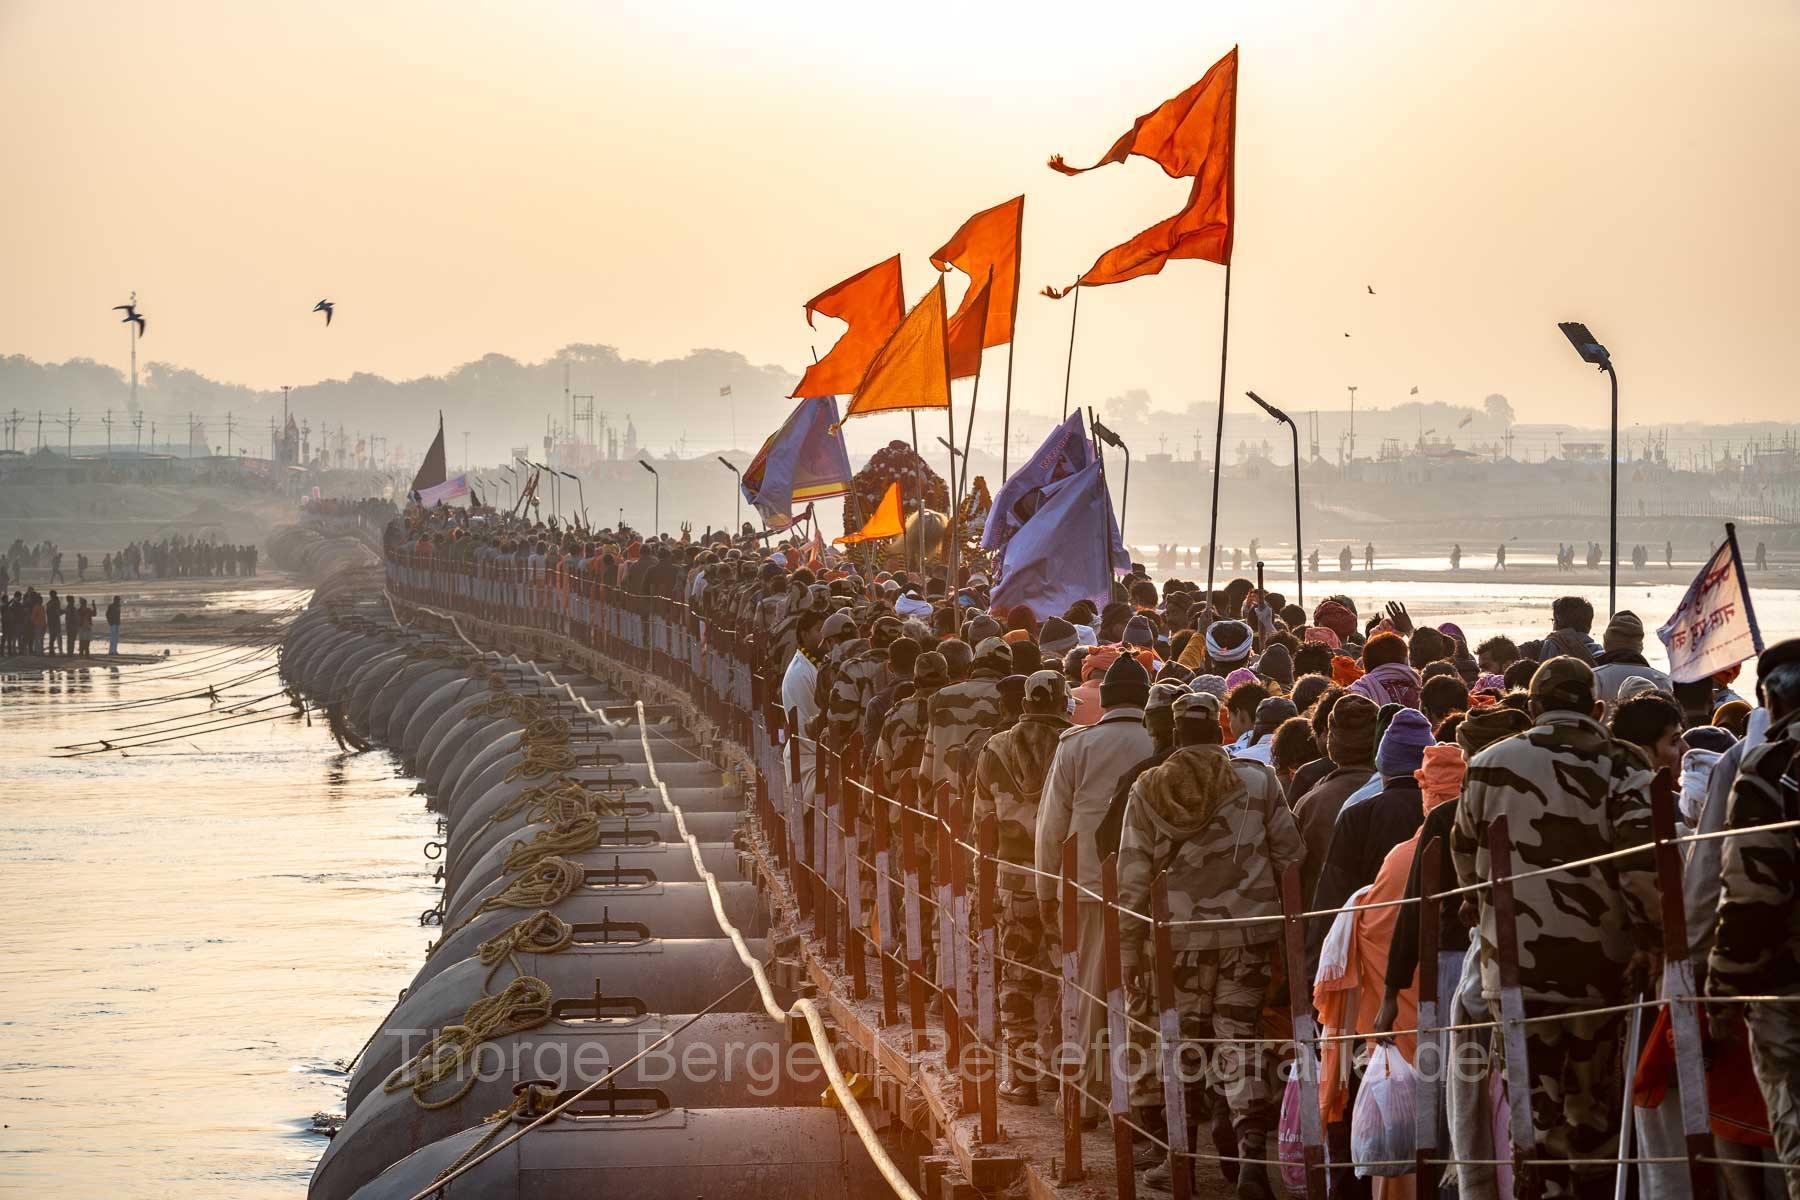 Menschenmassen auf einer Pontonbrücke -  Ardth Kumbh Mela 2019 in Prayagraj